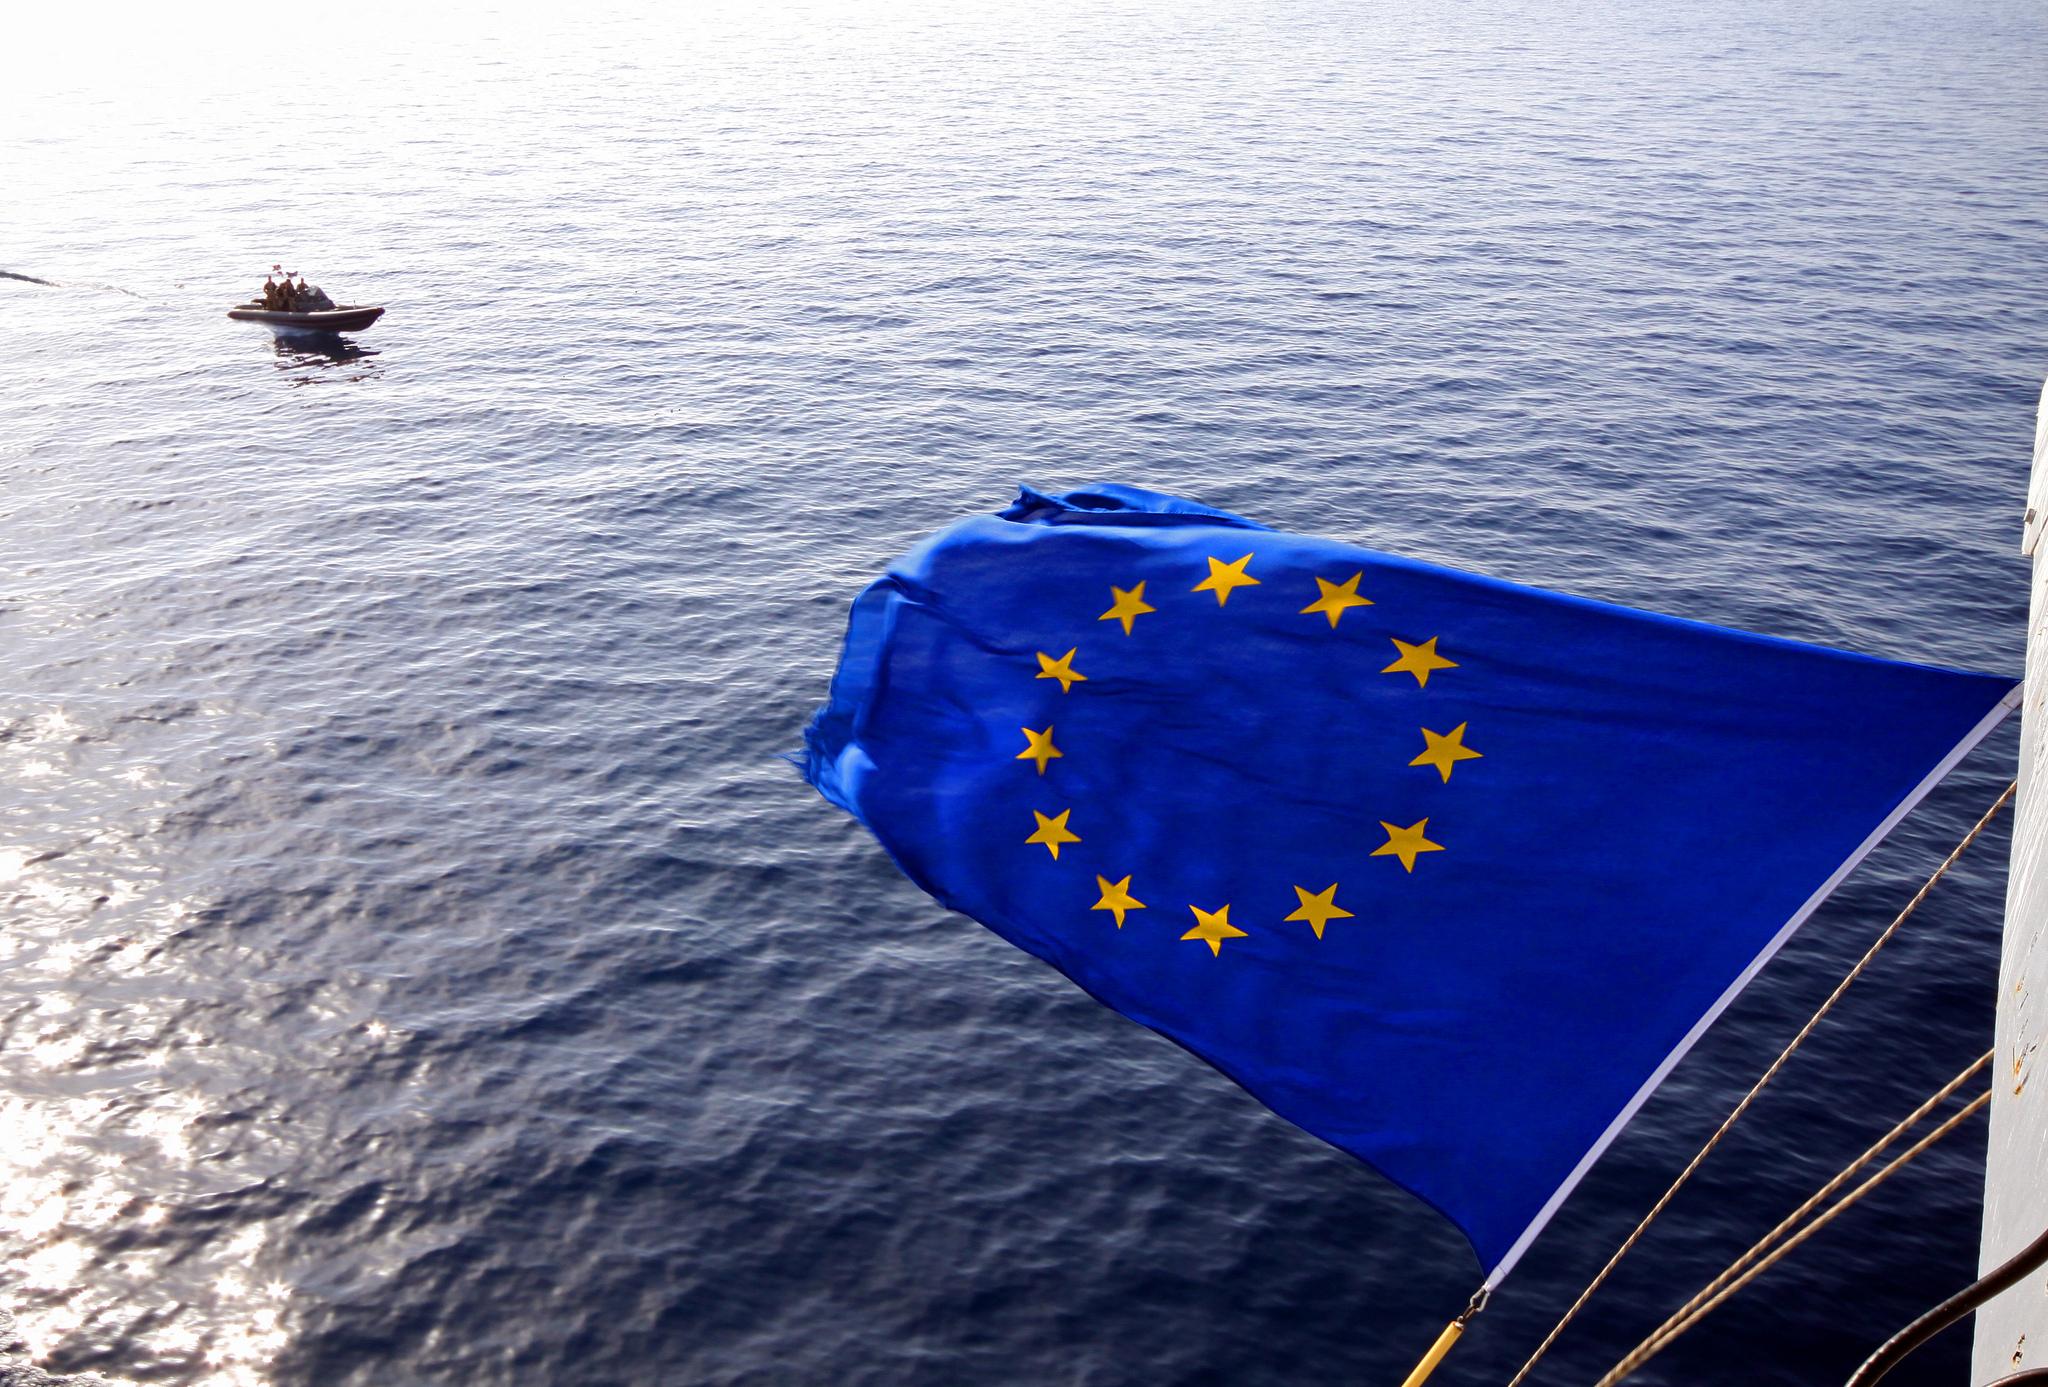 courtesy EU naval force via Flickr